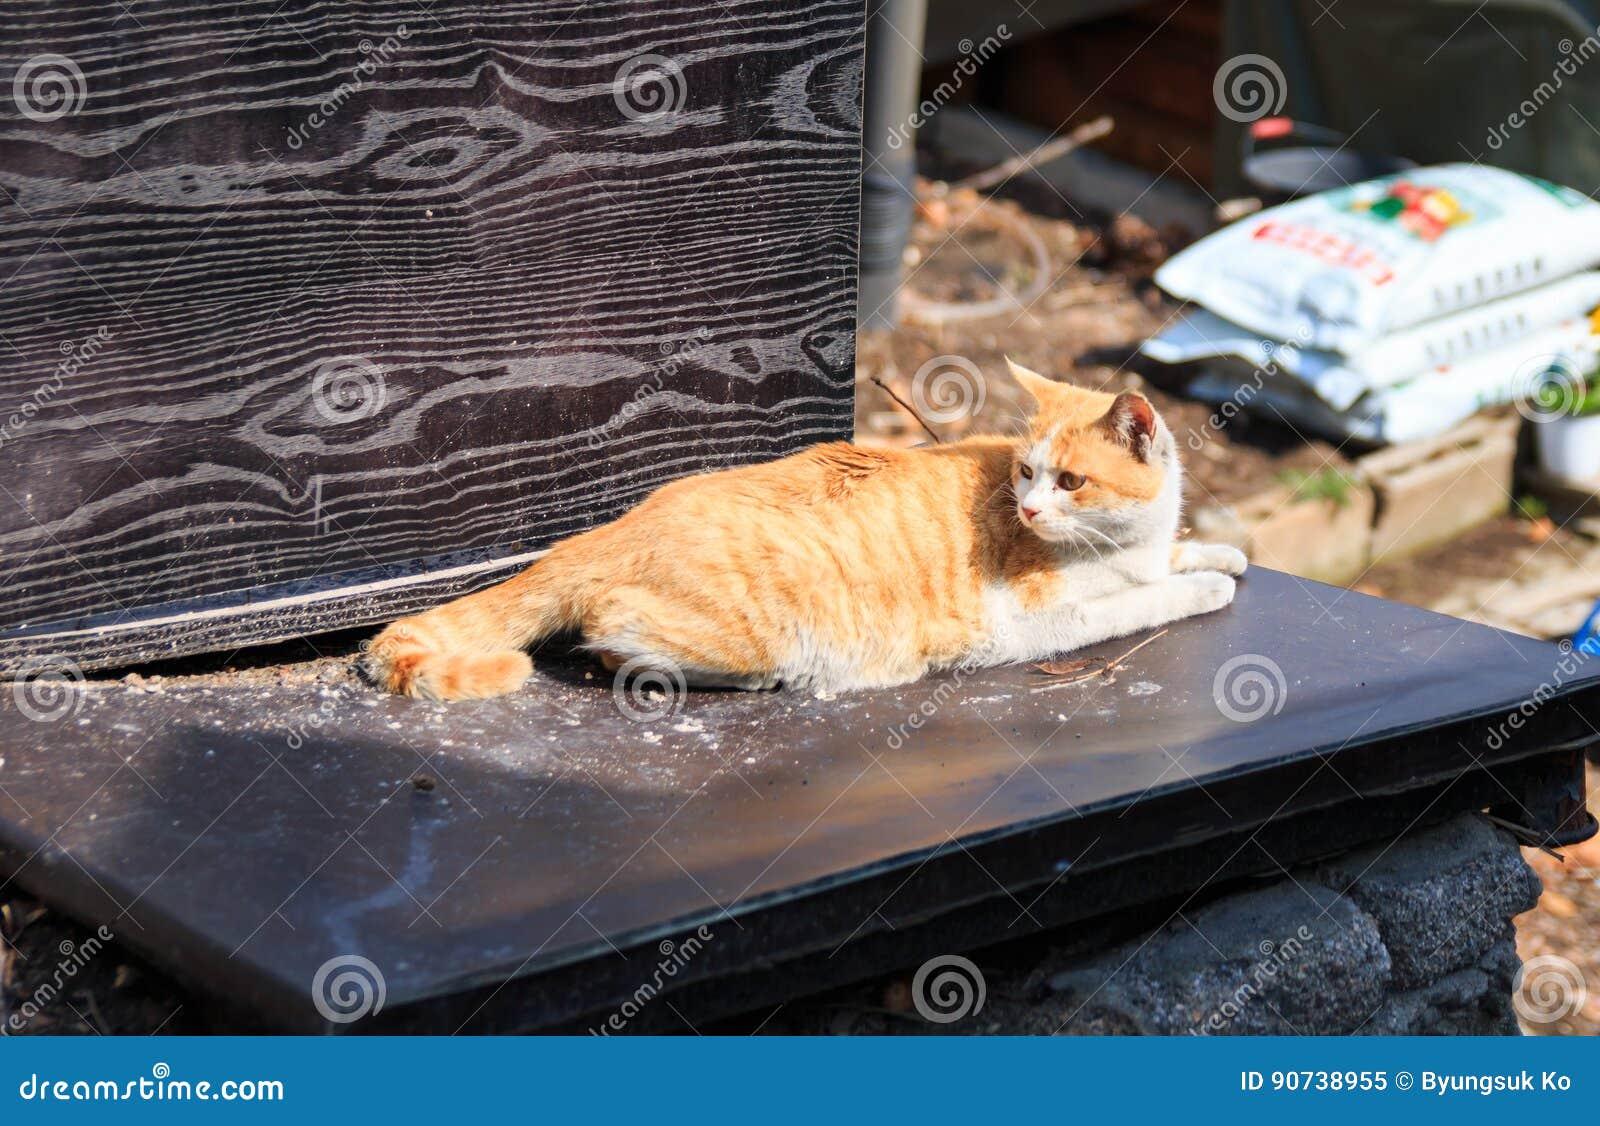 alley cat in shantytown